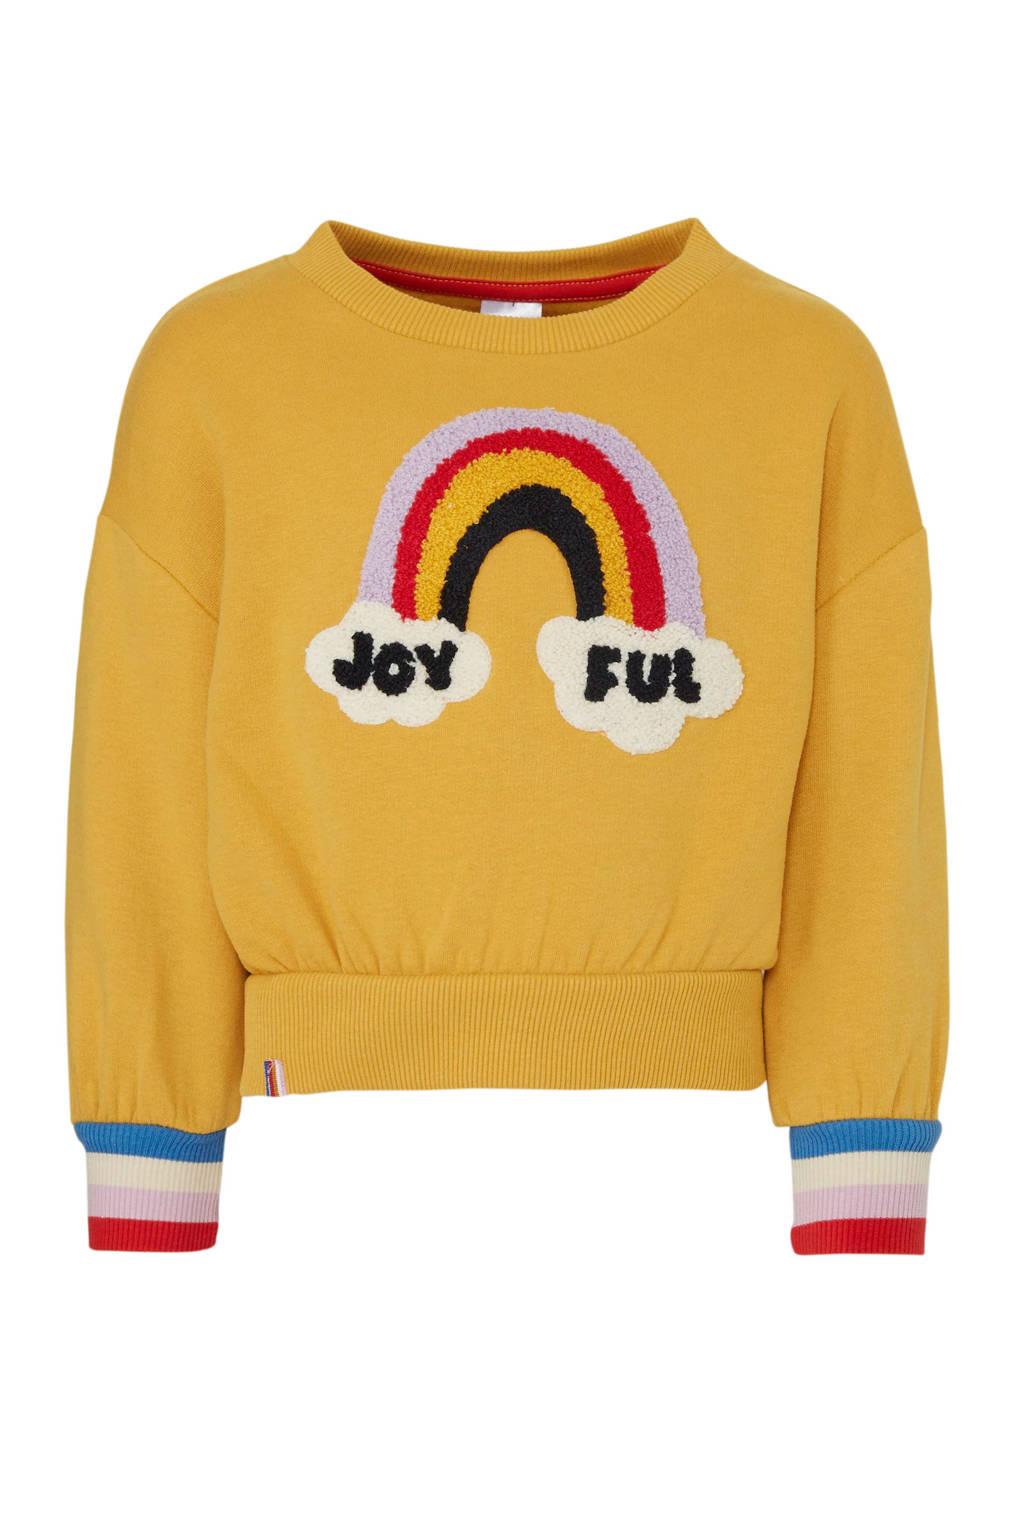 C&A Palomino sweater met printopdruk en 3D applicatie okergeel/lila/rood, Okergeel/lila/rood